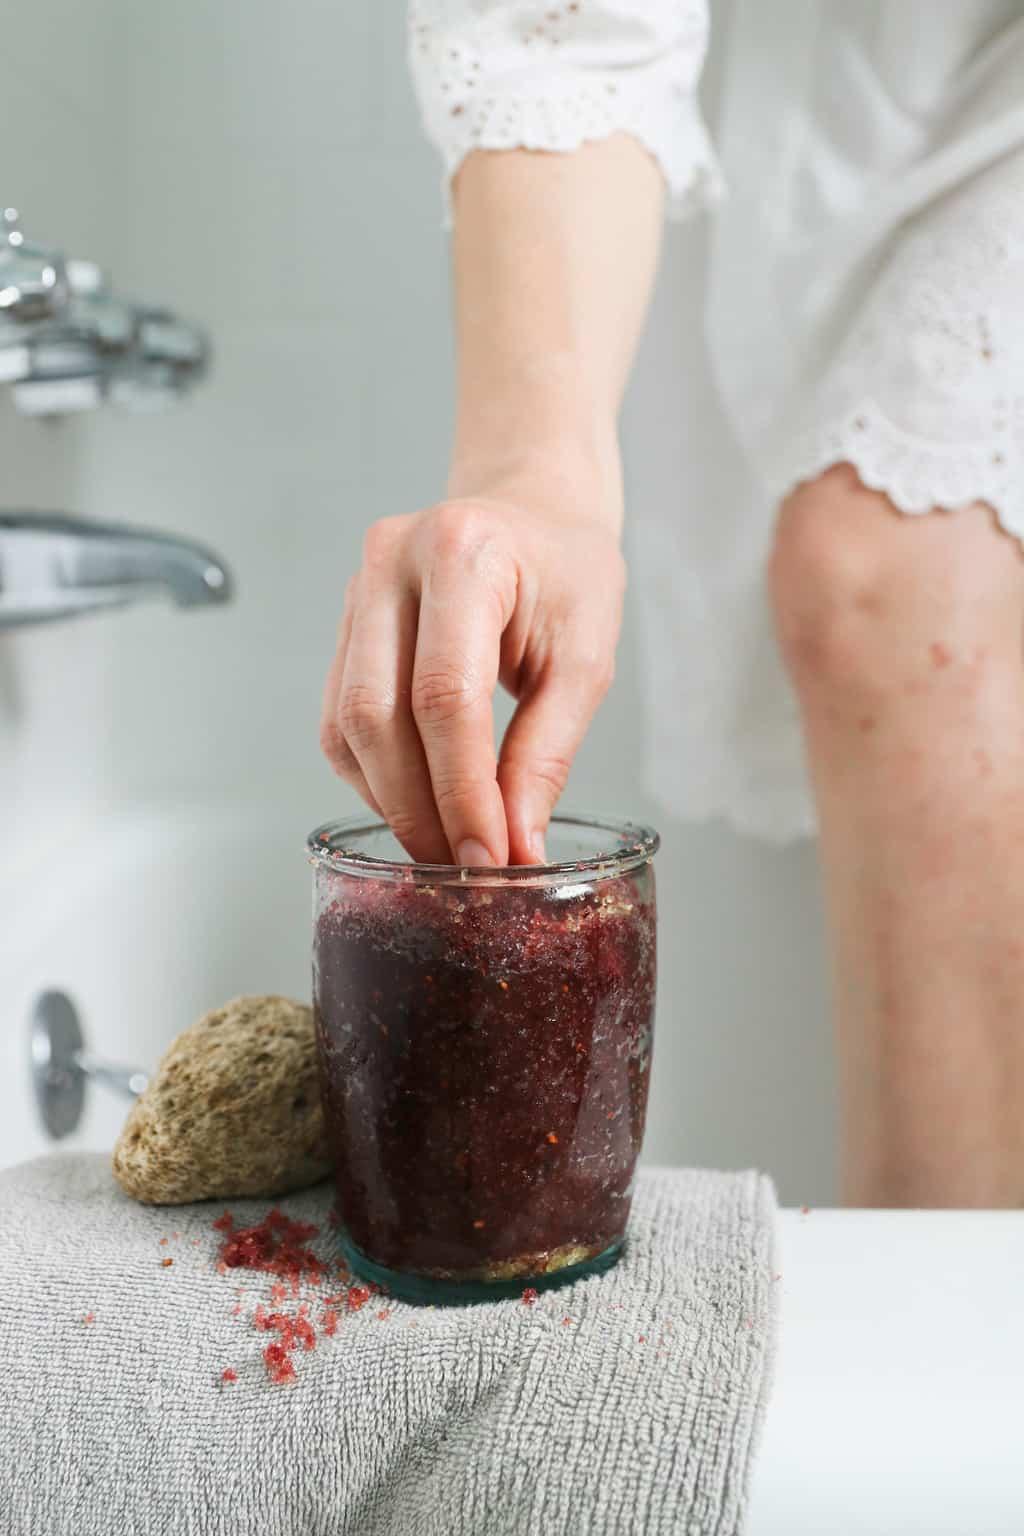 DIY Blackberry Sugar Scrub Recipe